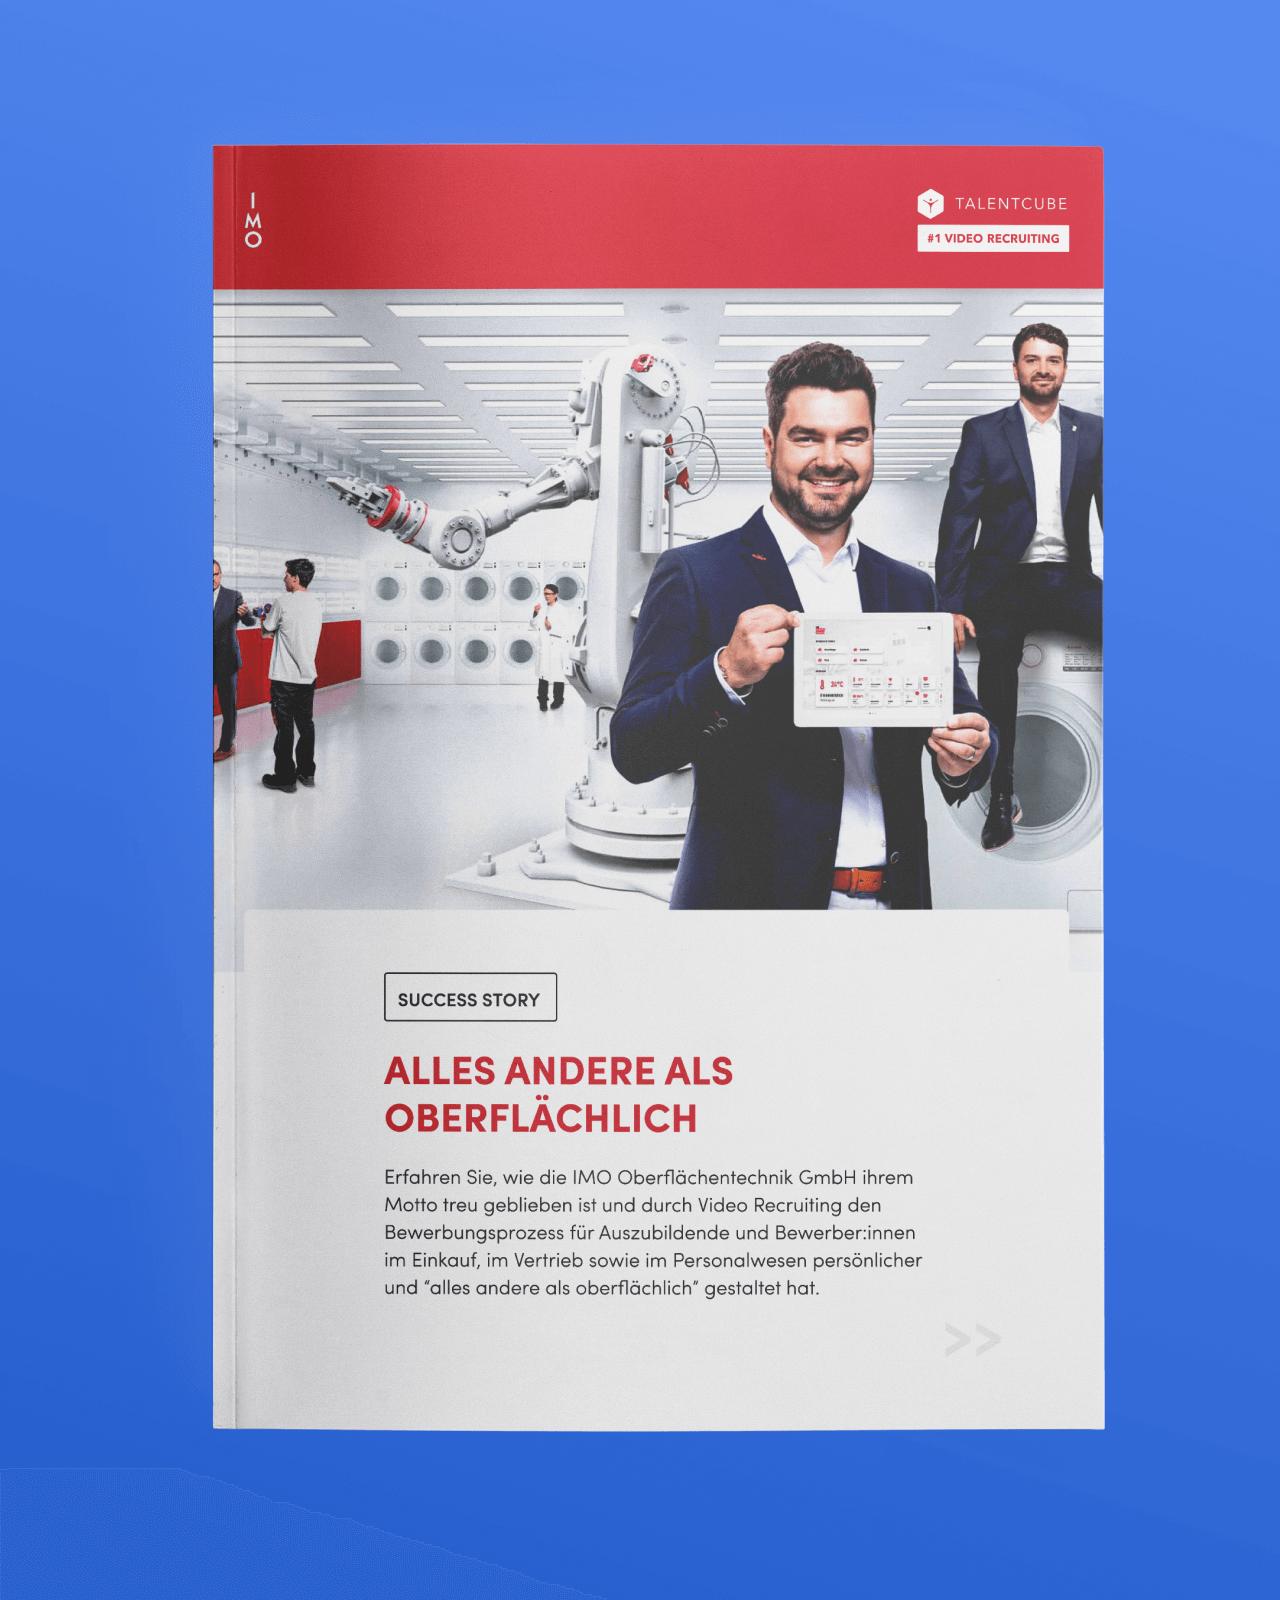 IMO Oberflächentechnik GmbH –Alles andere als oberflächlich